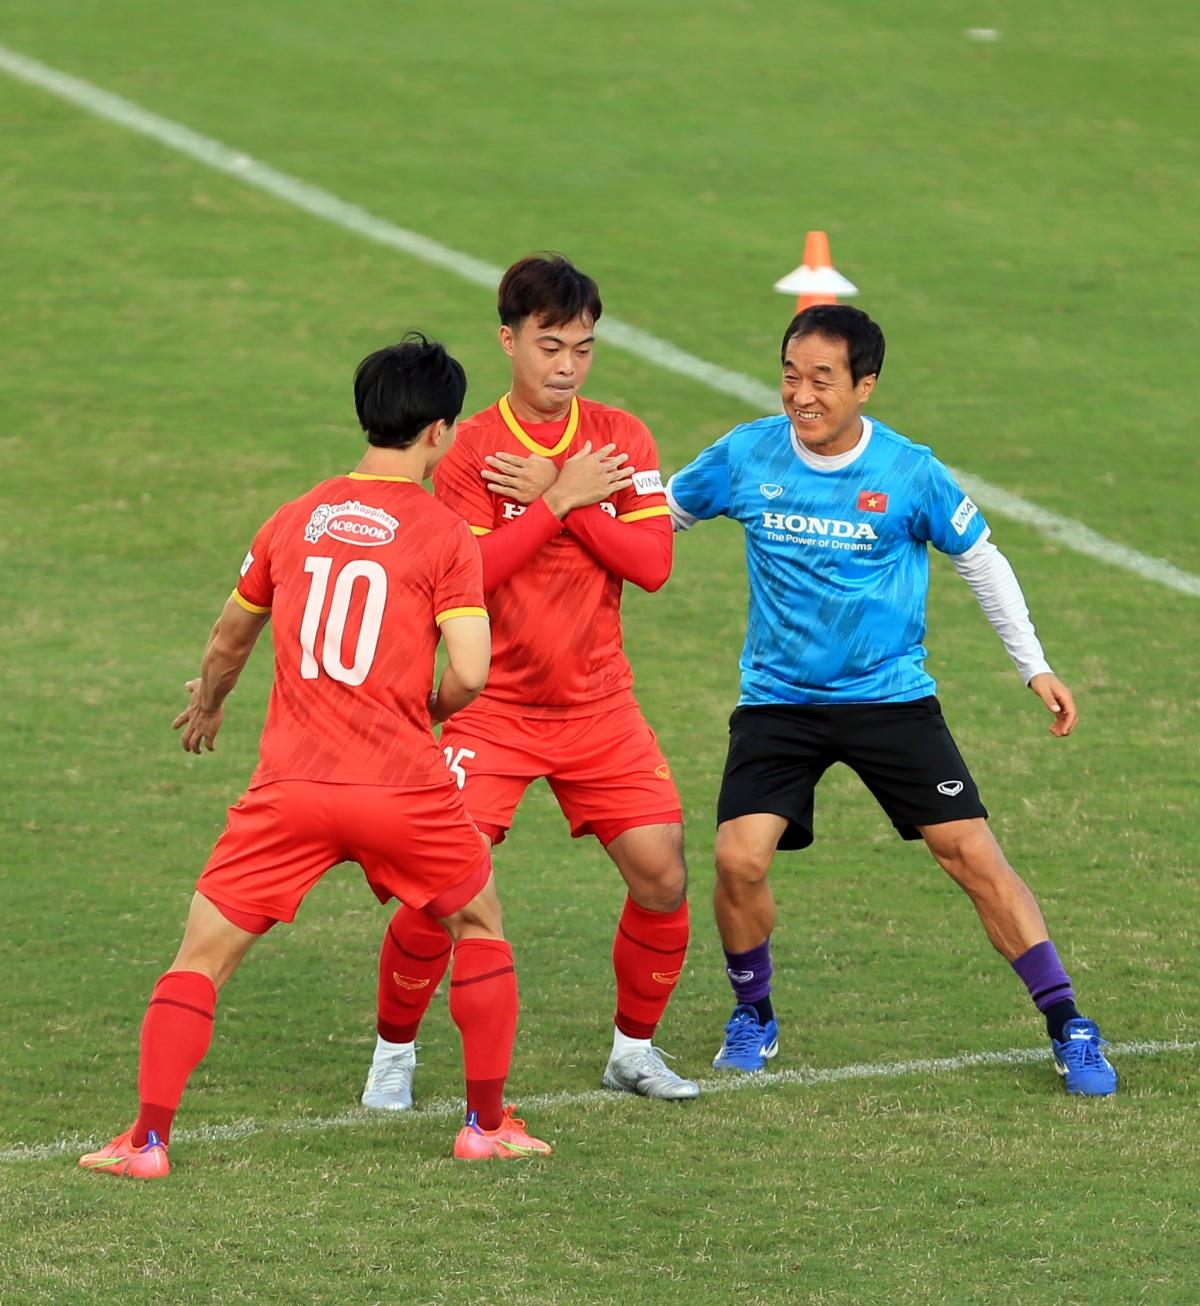 Sự góp mặt của Thanh Thịnh giúp nhân sự ở vị trí hậu vệ biên của ĐT Việt Nam dày dặn hơn sau khi Trọng Hoàng đã phải nghỉ tập vì chấn thương.